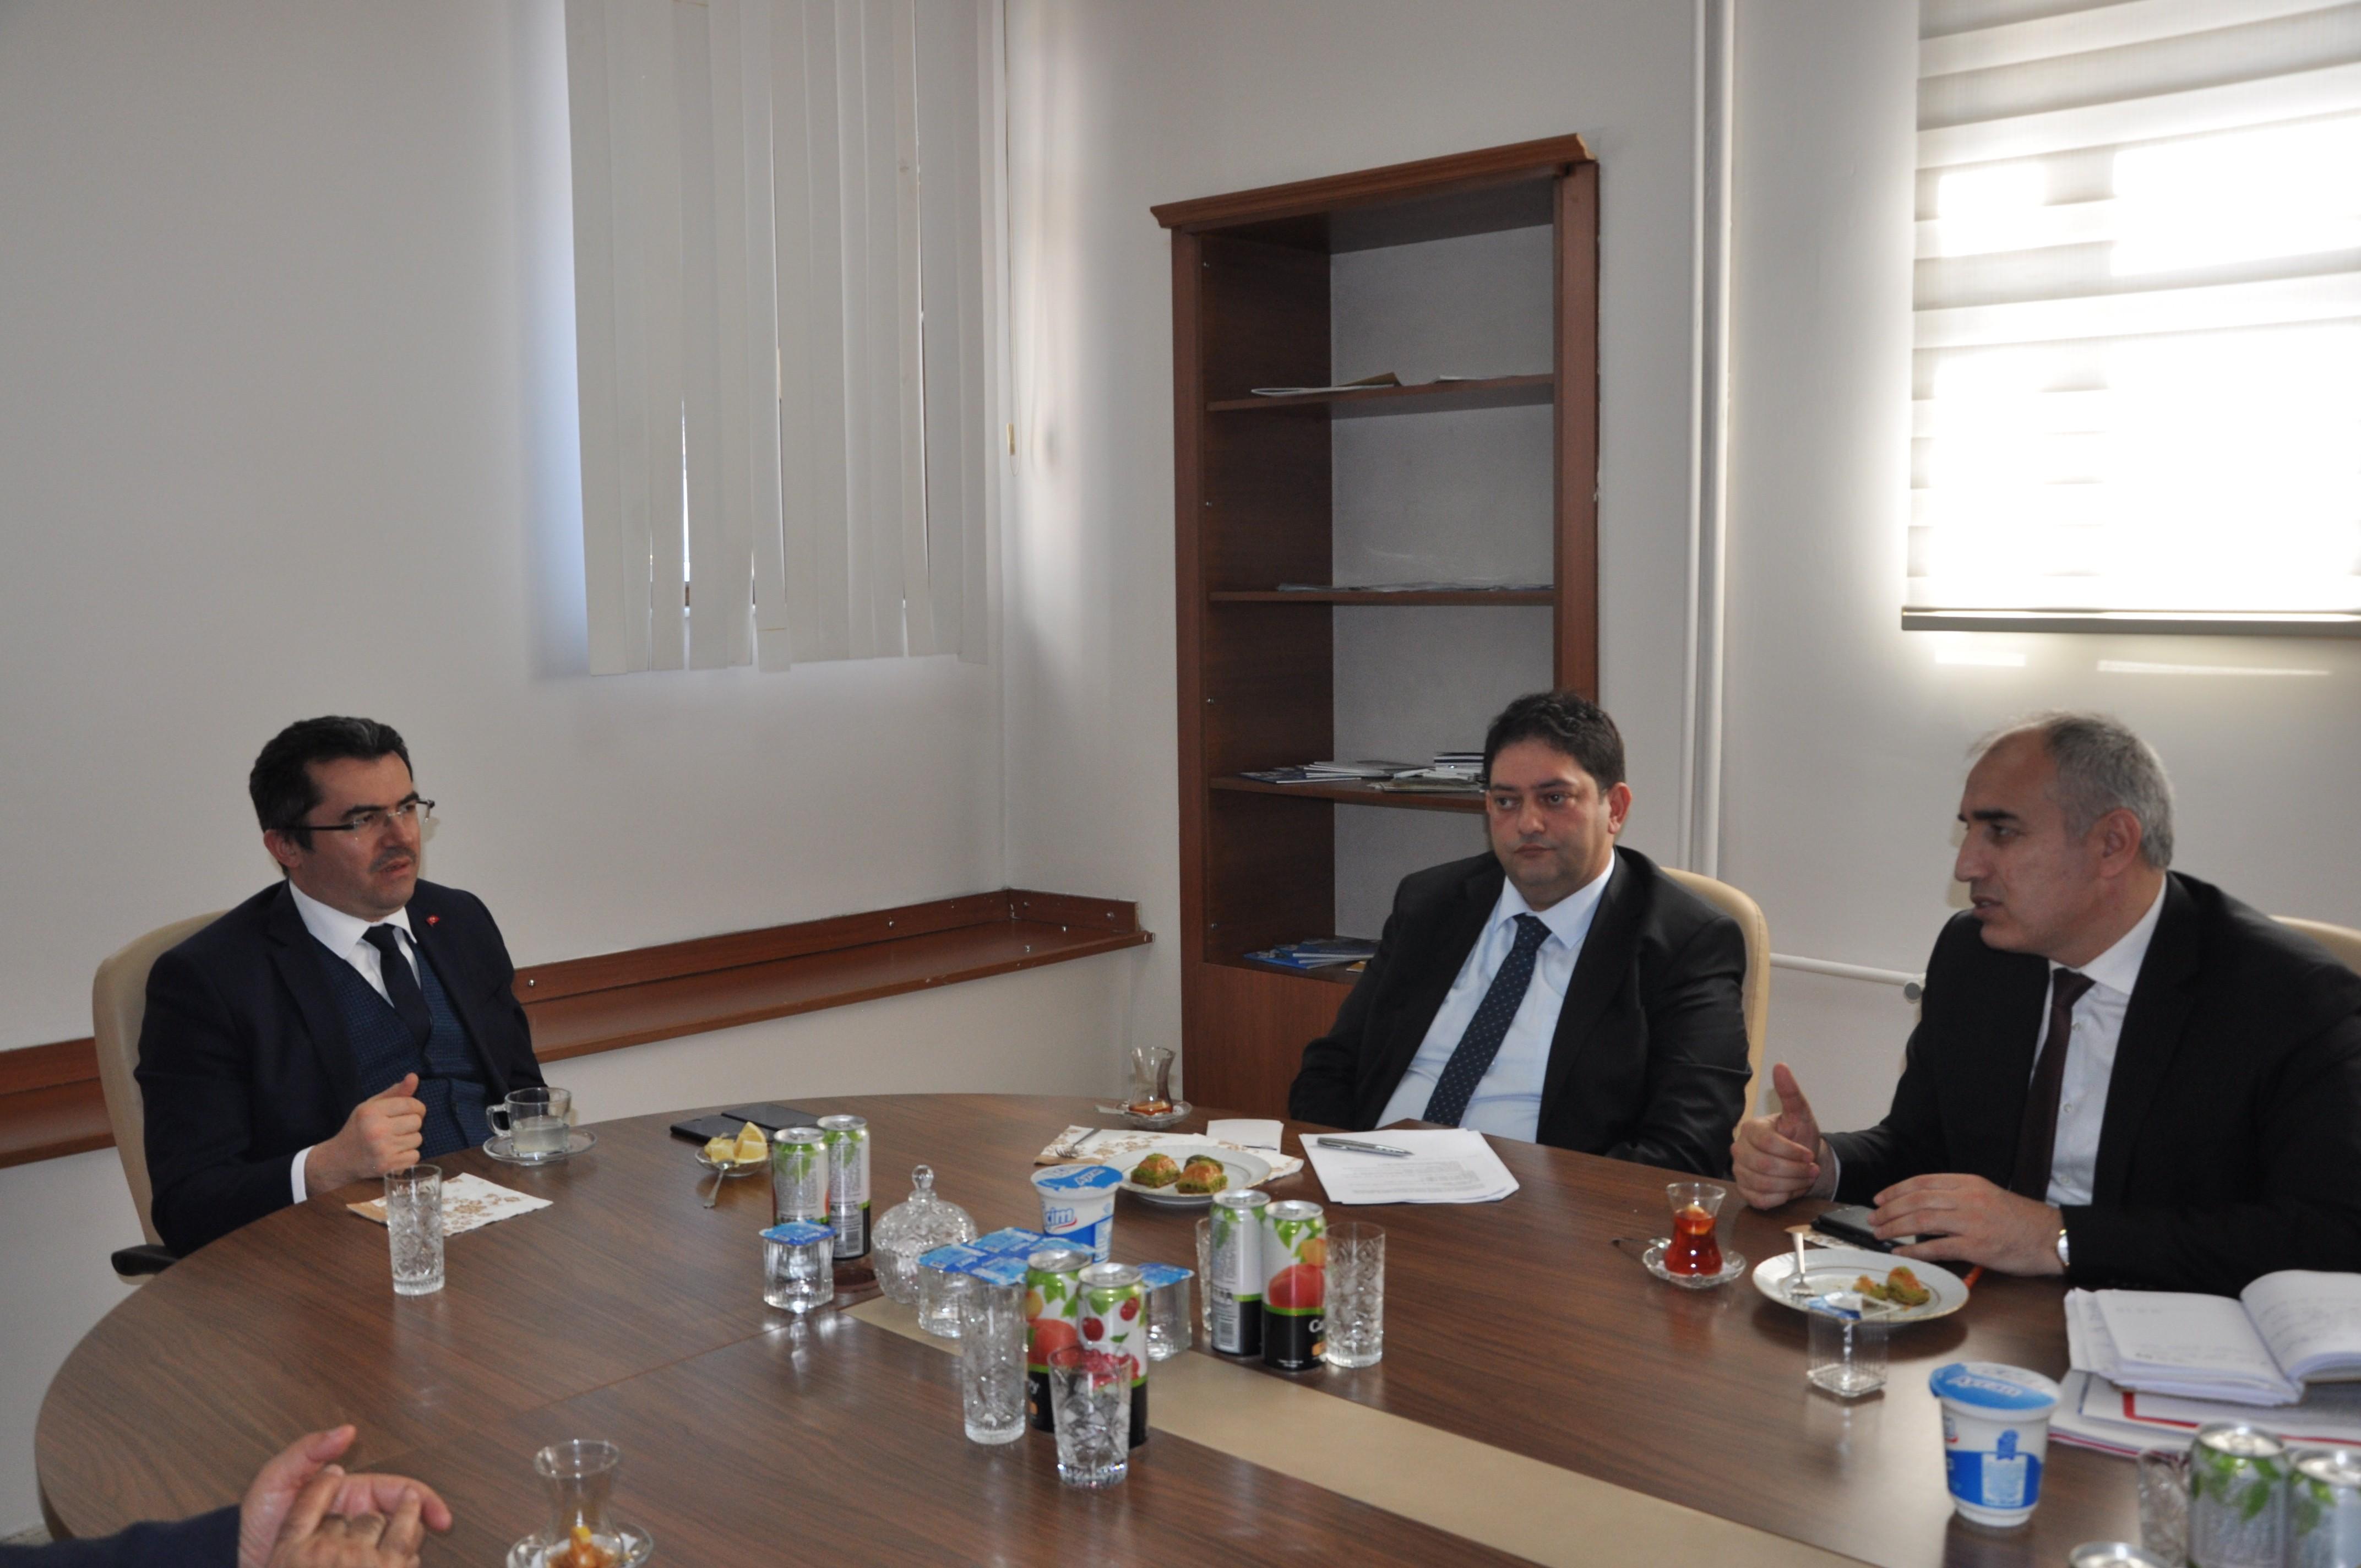 Vali Memiş Başkanlığı'nda 'Tarım Hayvancılık Koordinasyon Toplatısı' yapıldı